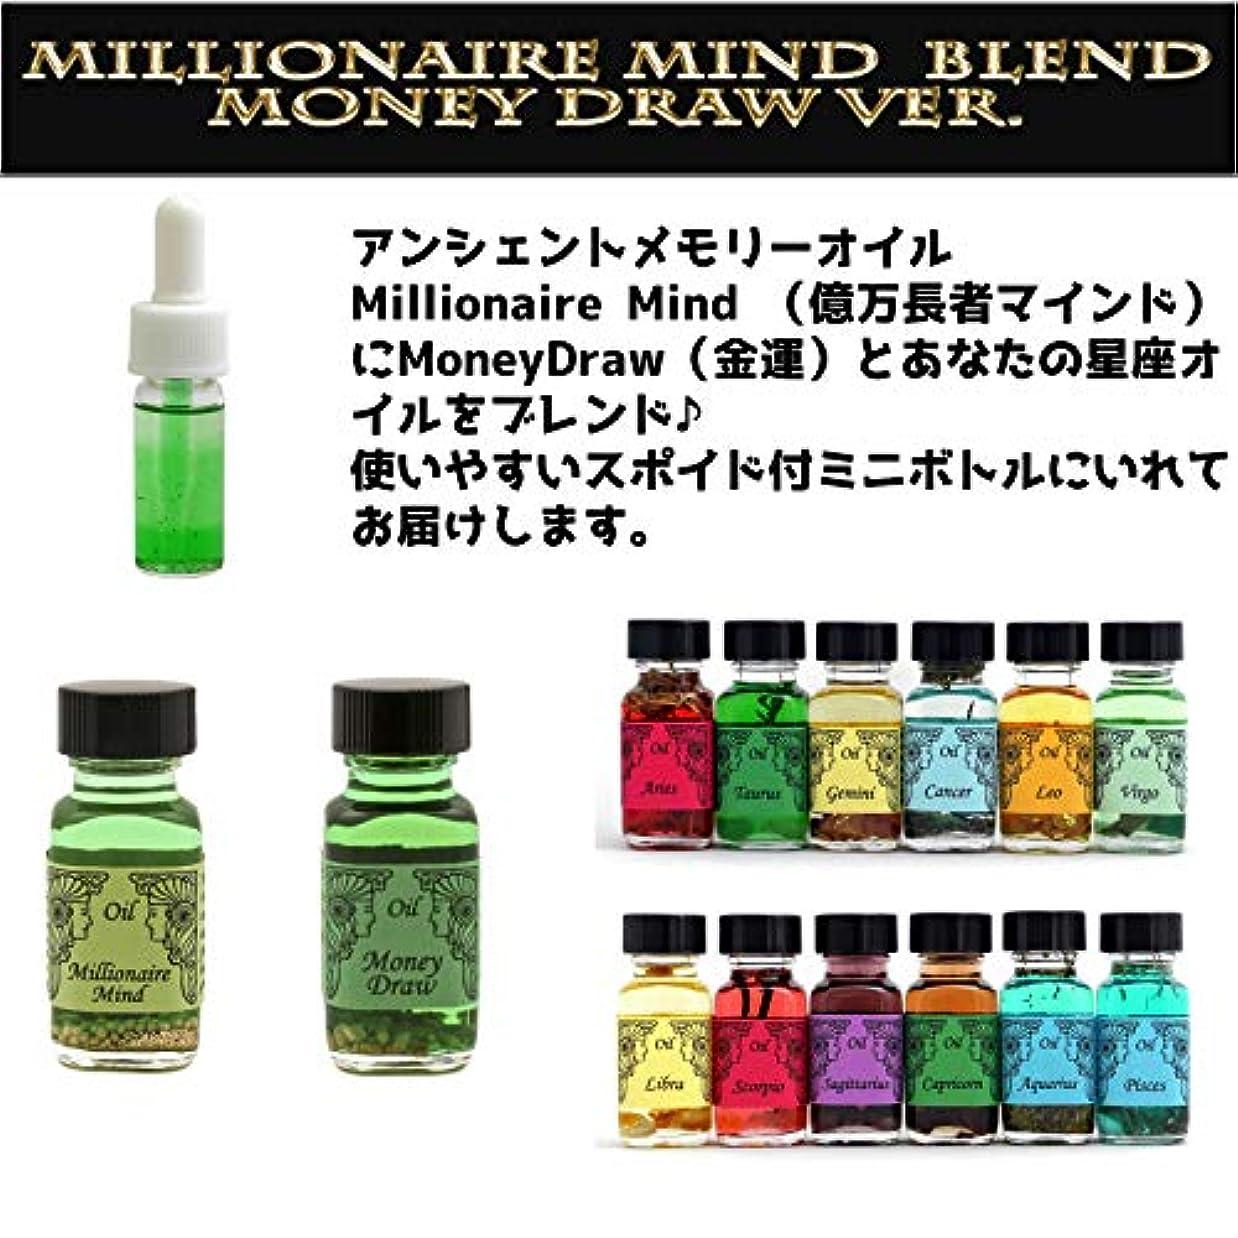 破裂手当性格アンシェントメモリーオイル Millionaire Mind 億万長者マインド ブレンド(Money Drawマネードロー(金運)&みずがめ座